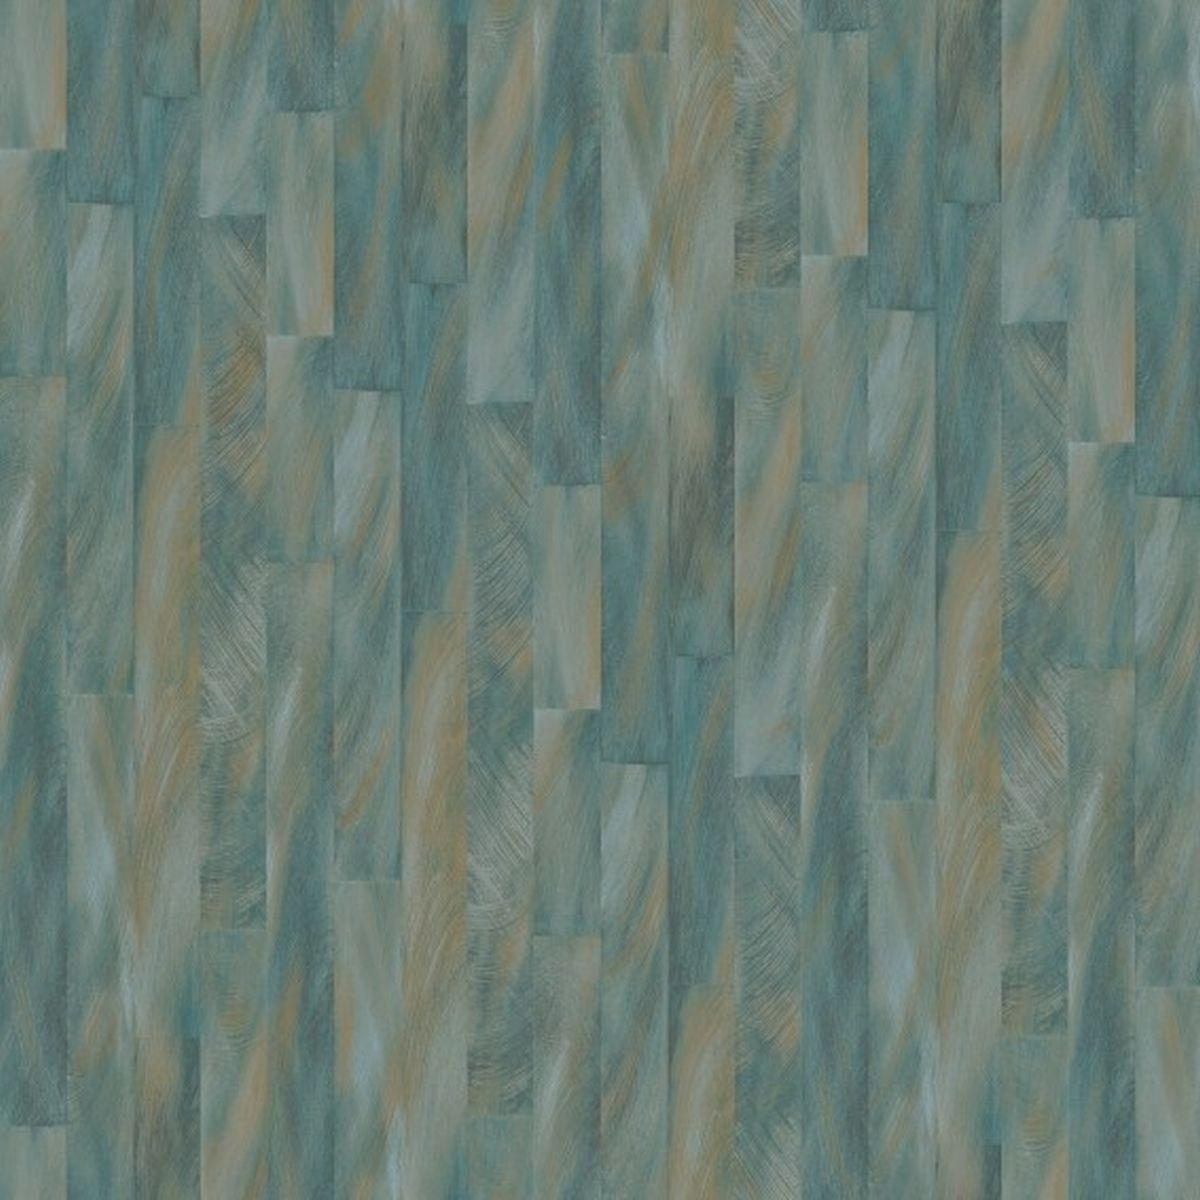 DesignID Vliestapete Edles Design VD219144 Grün Steintapete günstig online kaufen